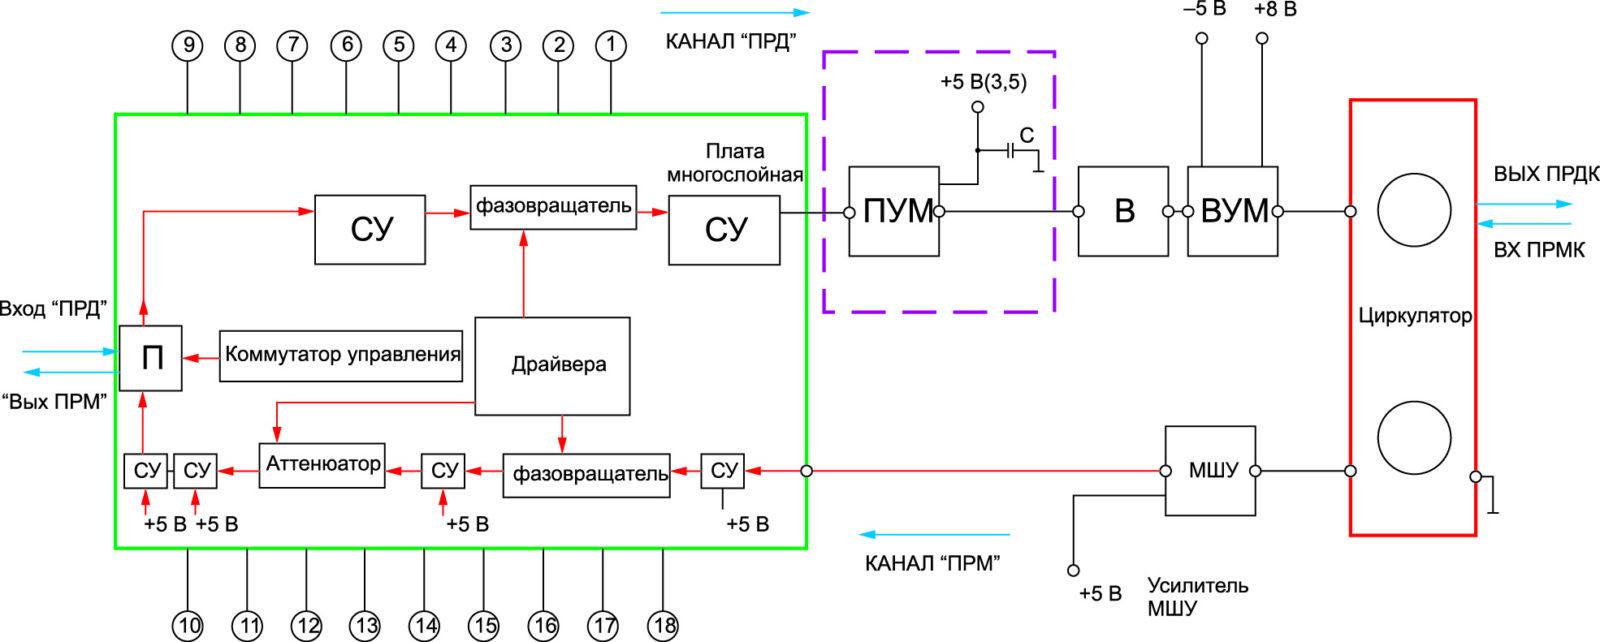 Структурная схема разработанного приемо-передающего модуля